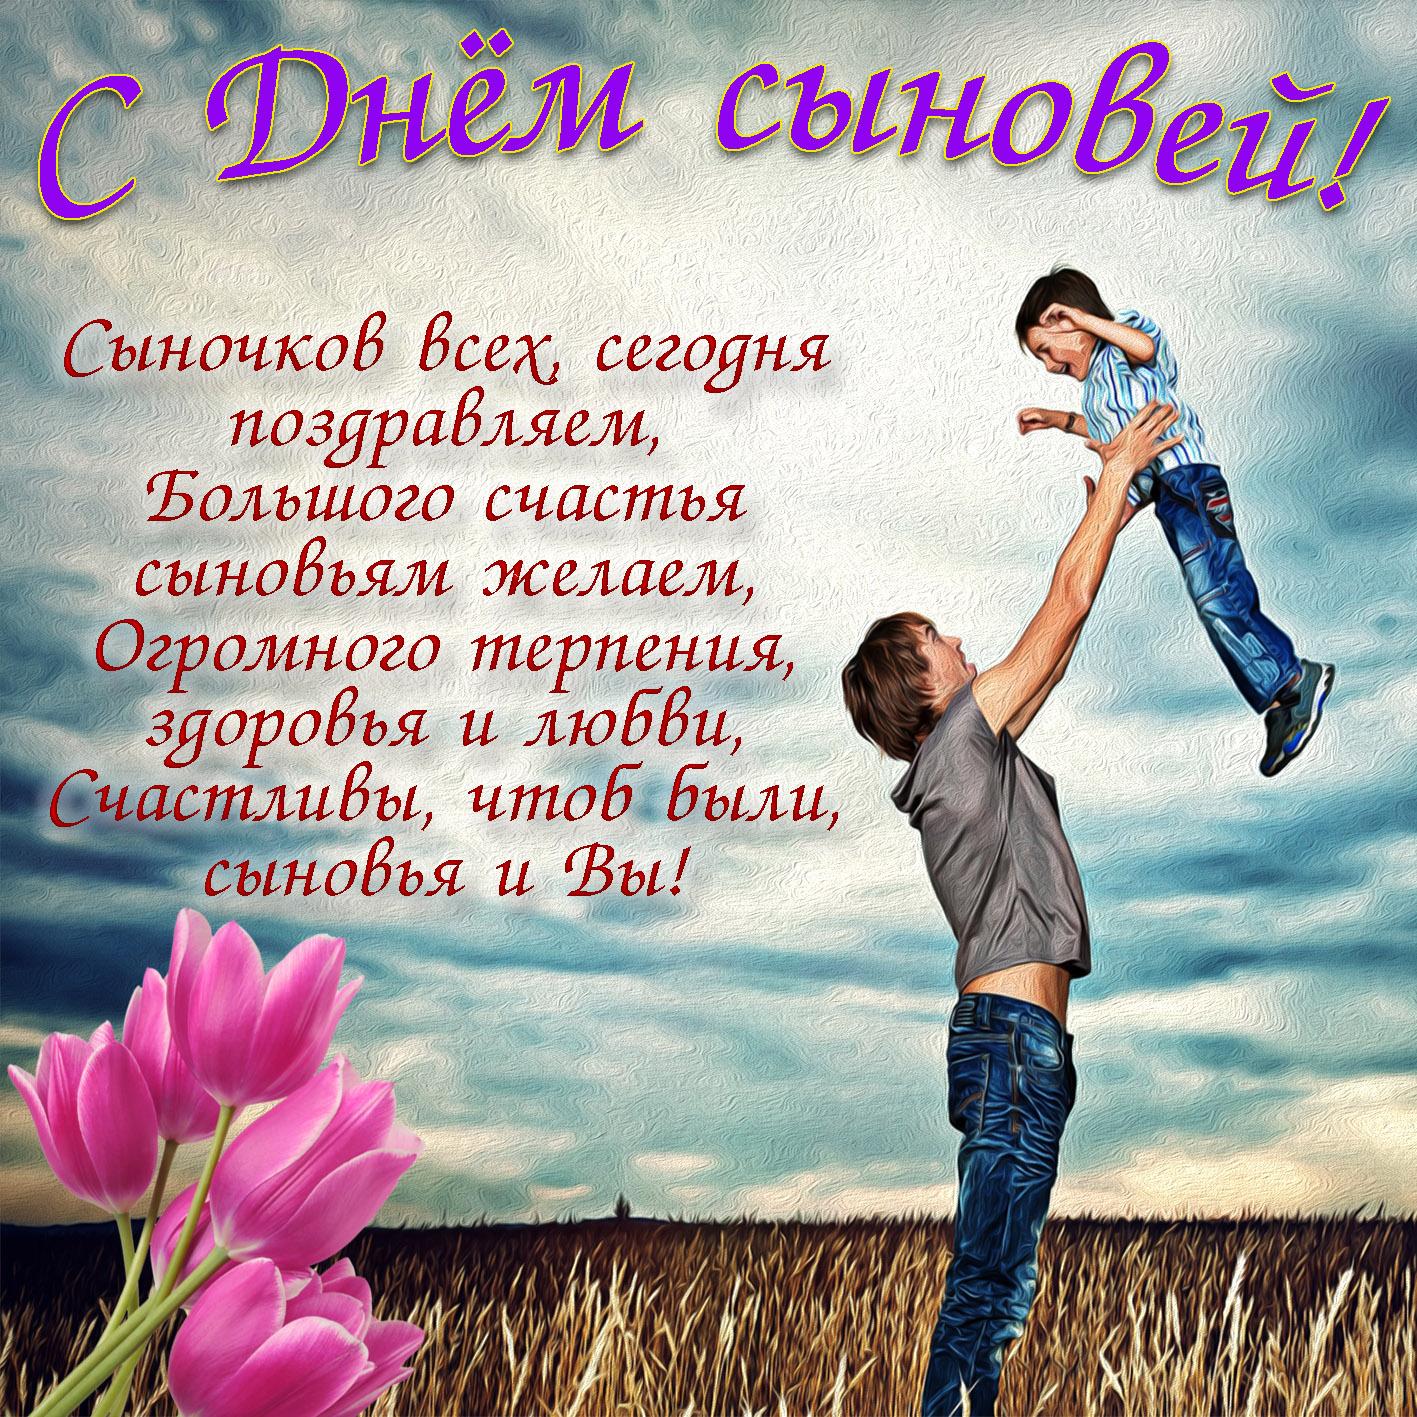 Сын отцу поздравление